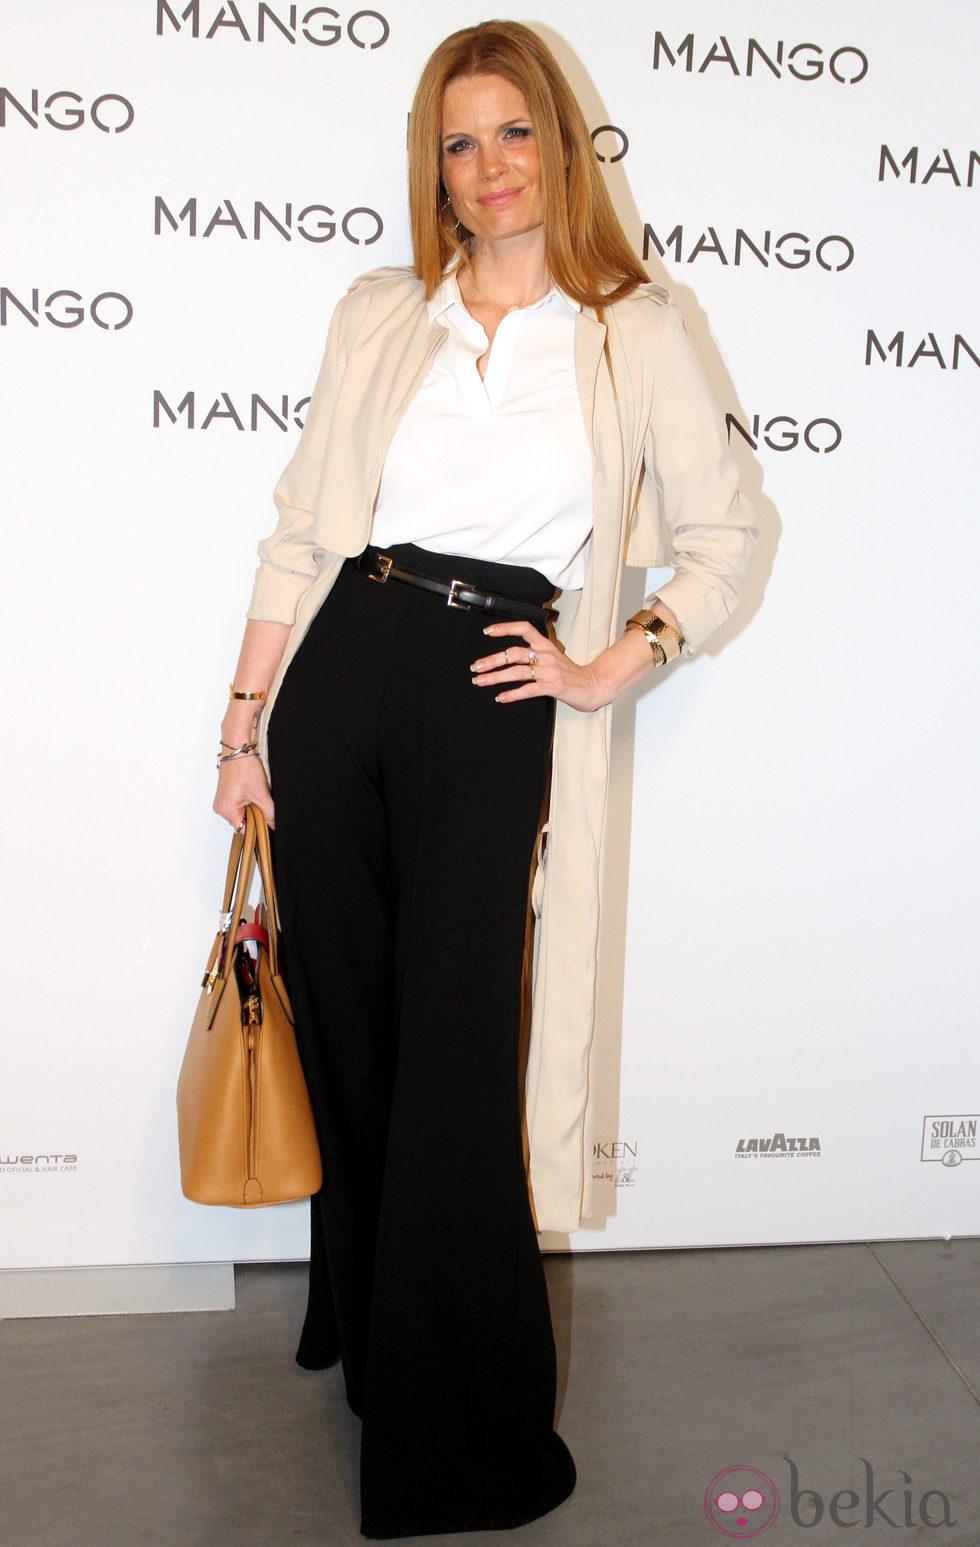 Olivia de Borbón en el desfile de Mango en 080 Barcelona fashion primavera/verano 2015